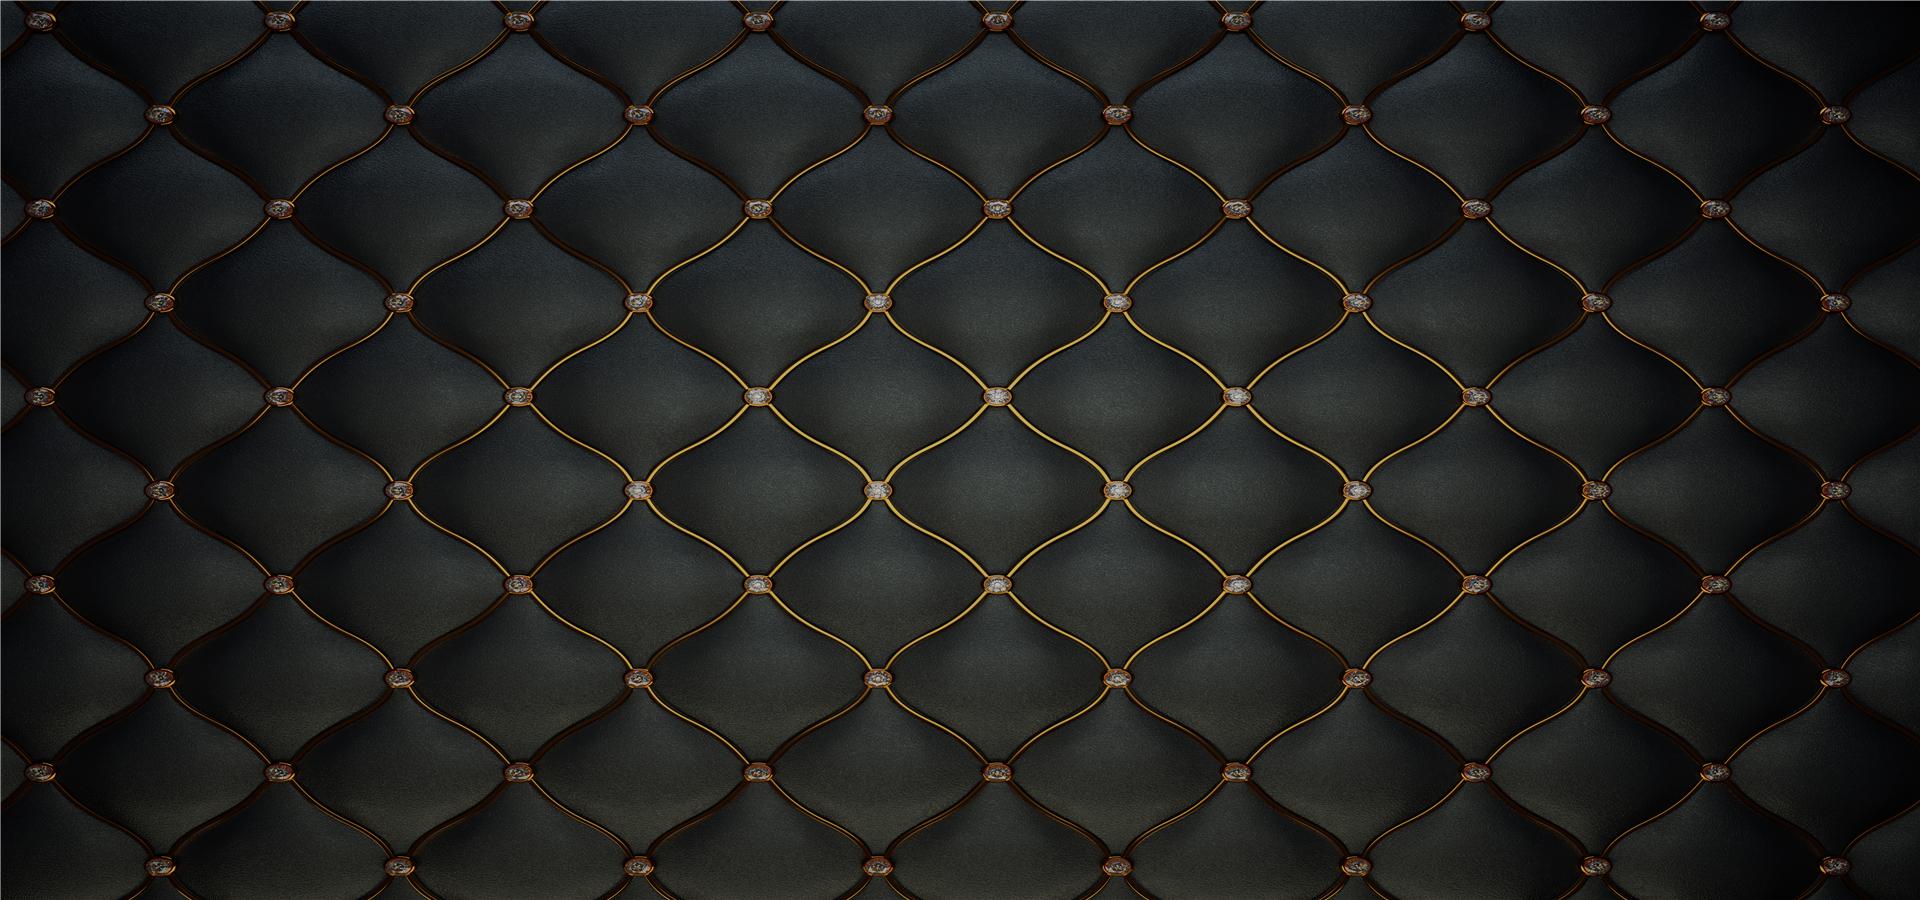 cl u00f4ture net barri u00e8re la texture contexte sch u00e9ma conception structure image de fond pour le